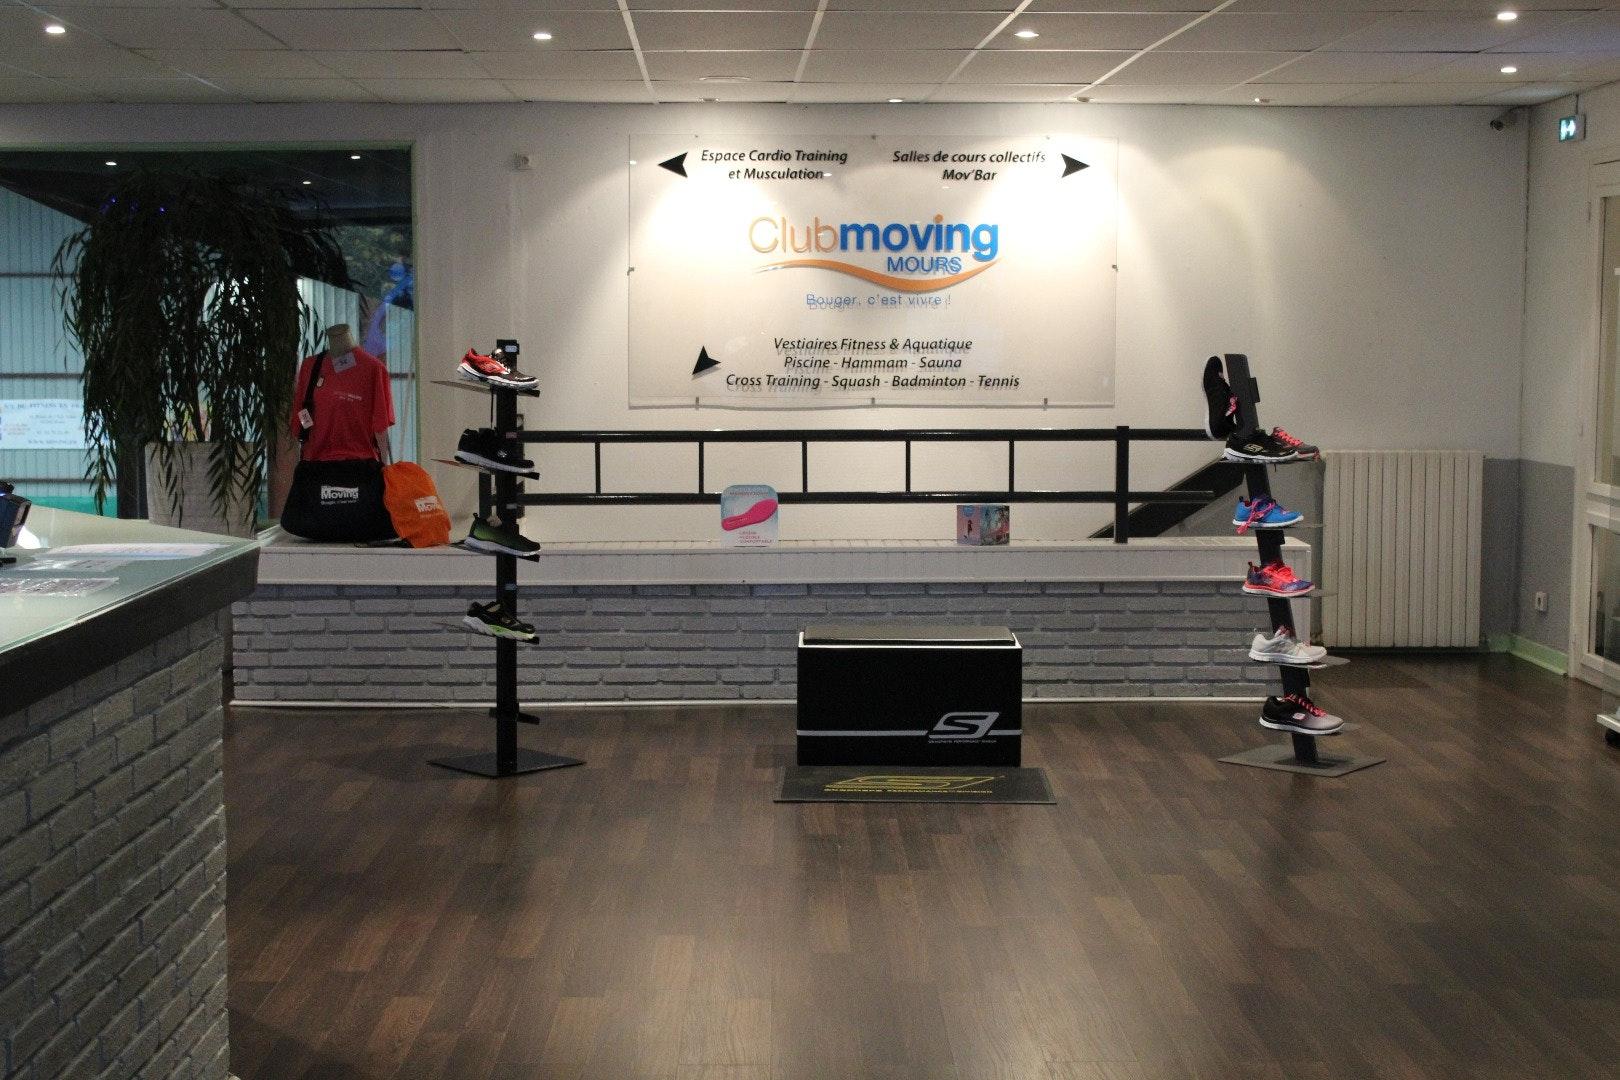 Photo 1 Les meilleurs tarifs  et activités pour le centre Moving Mours Mours